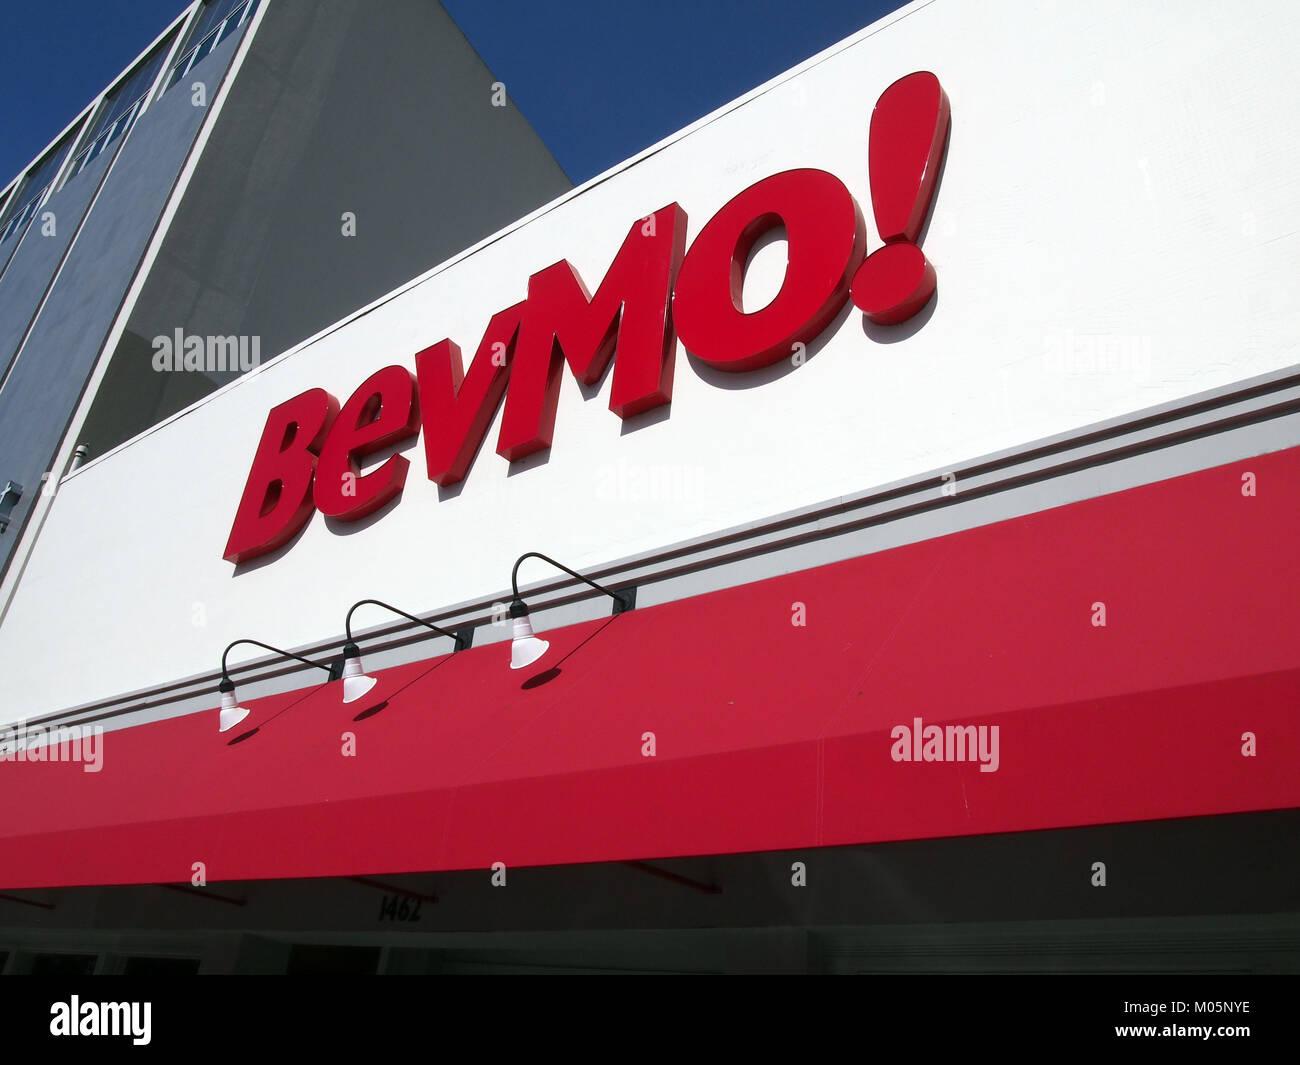 Bevmo! store sign, Burlingame, California, USA - Stock Image